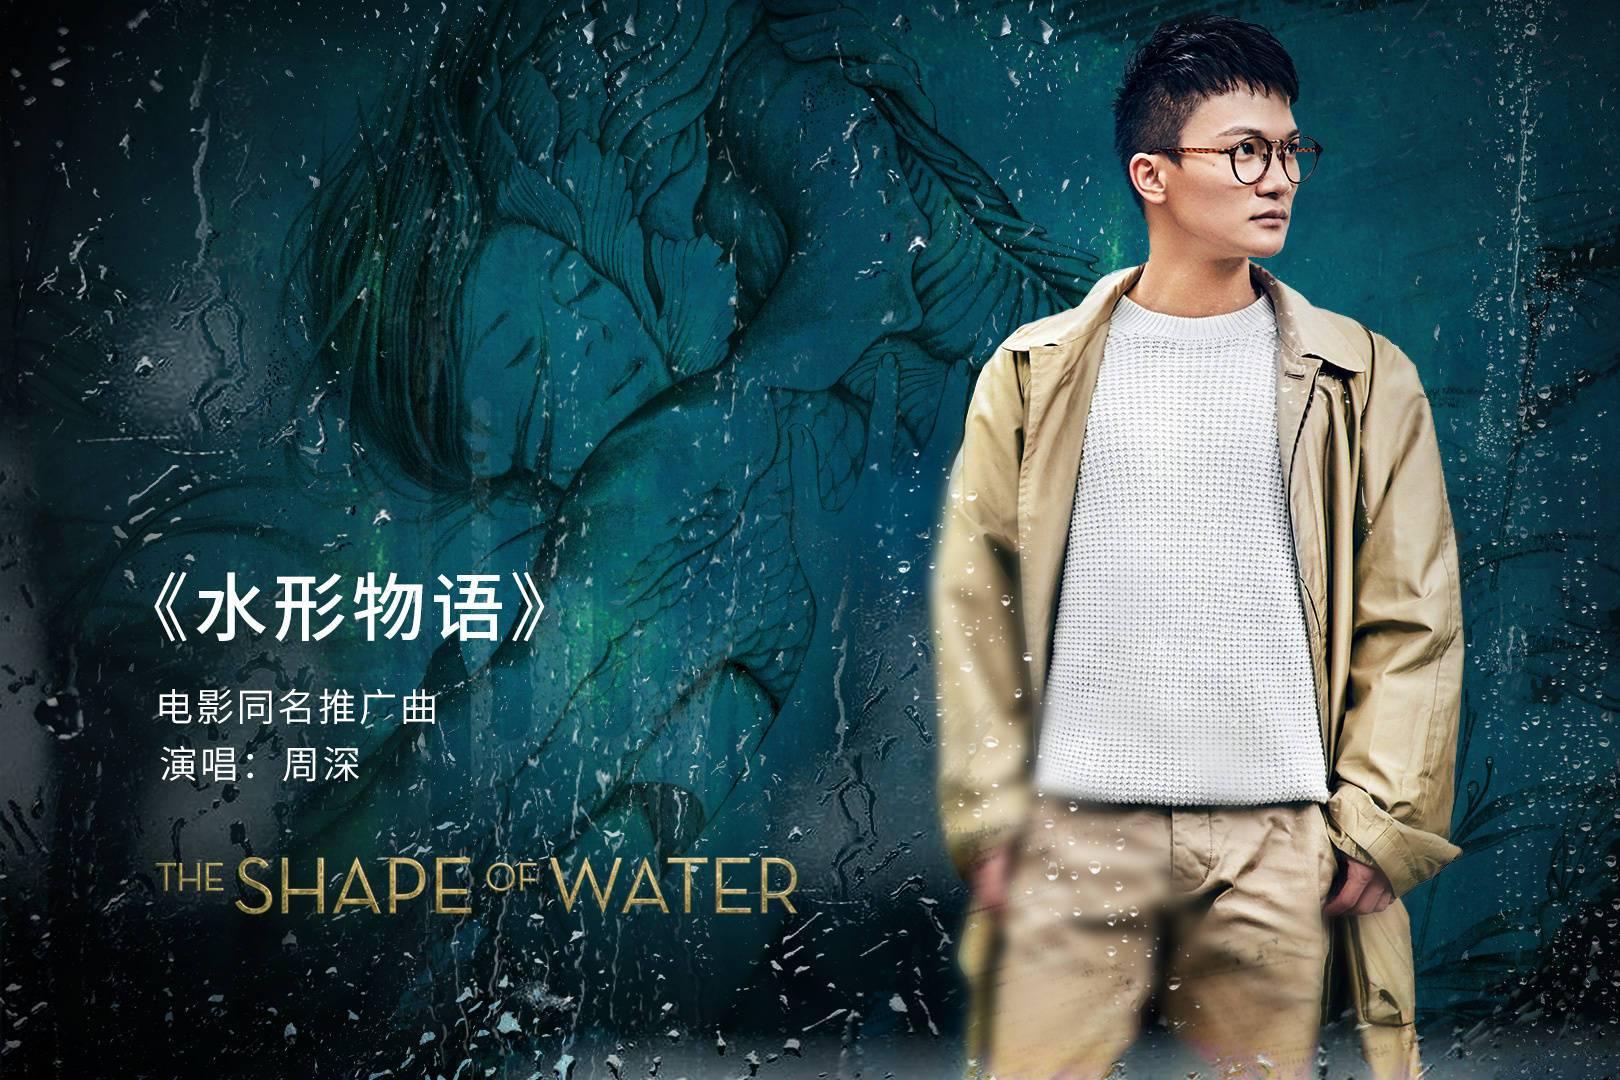 《水形物语》电影同名推广曲